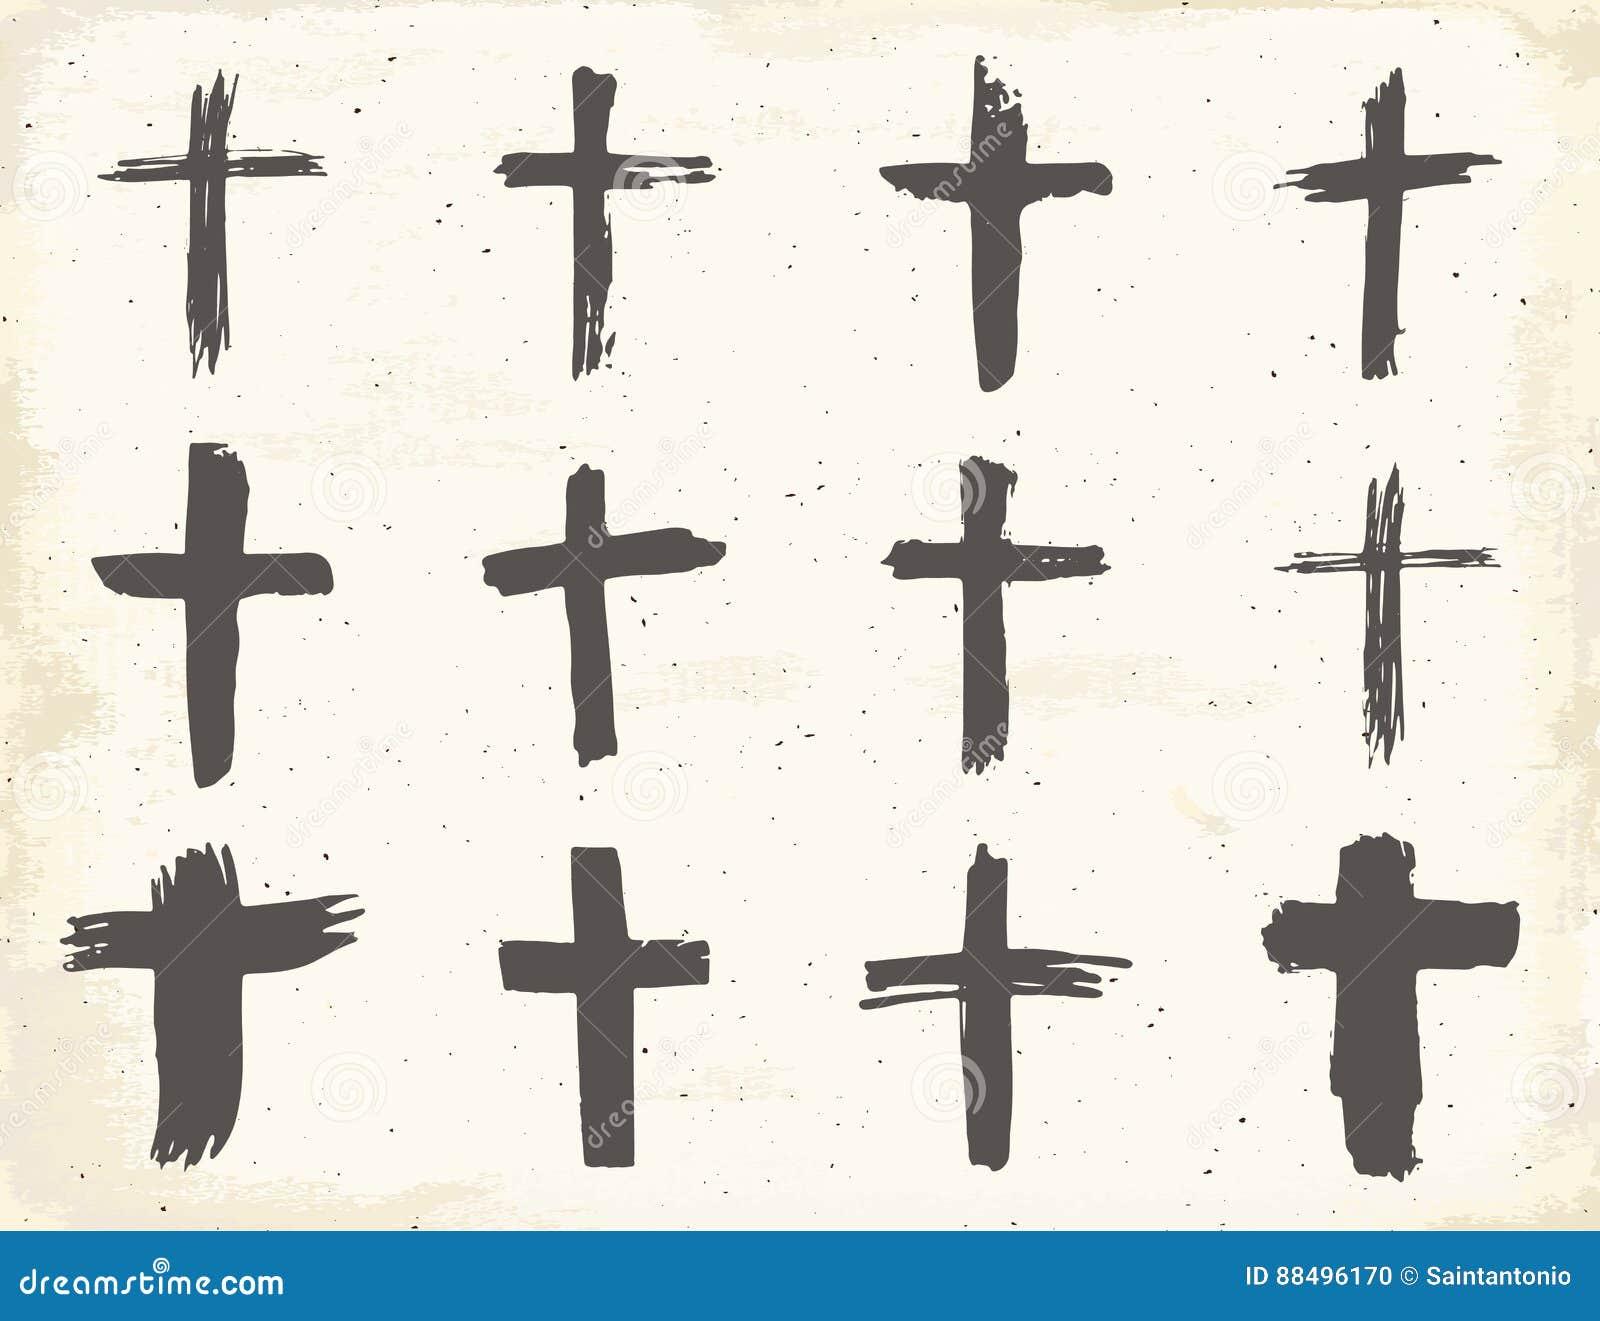 Sistema De Símbolos Cruzado Dibujado Mano Del Grunge Cruces